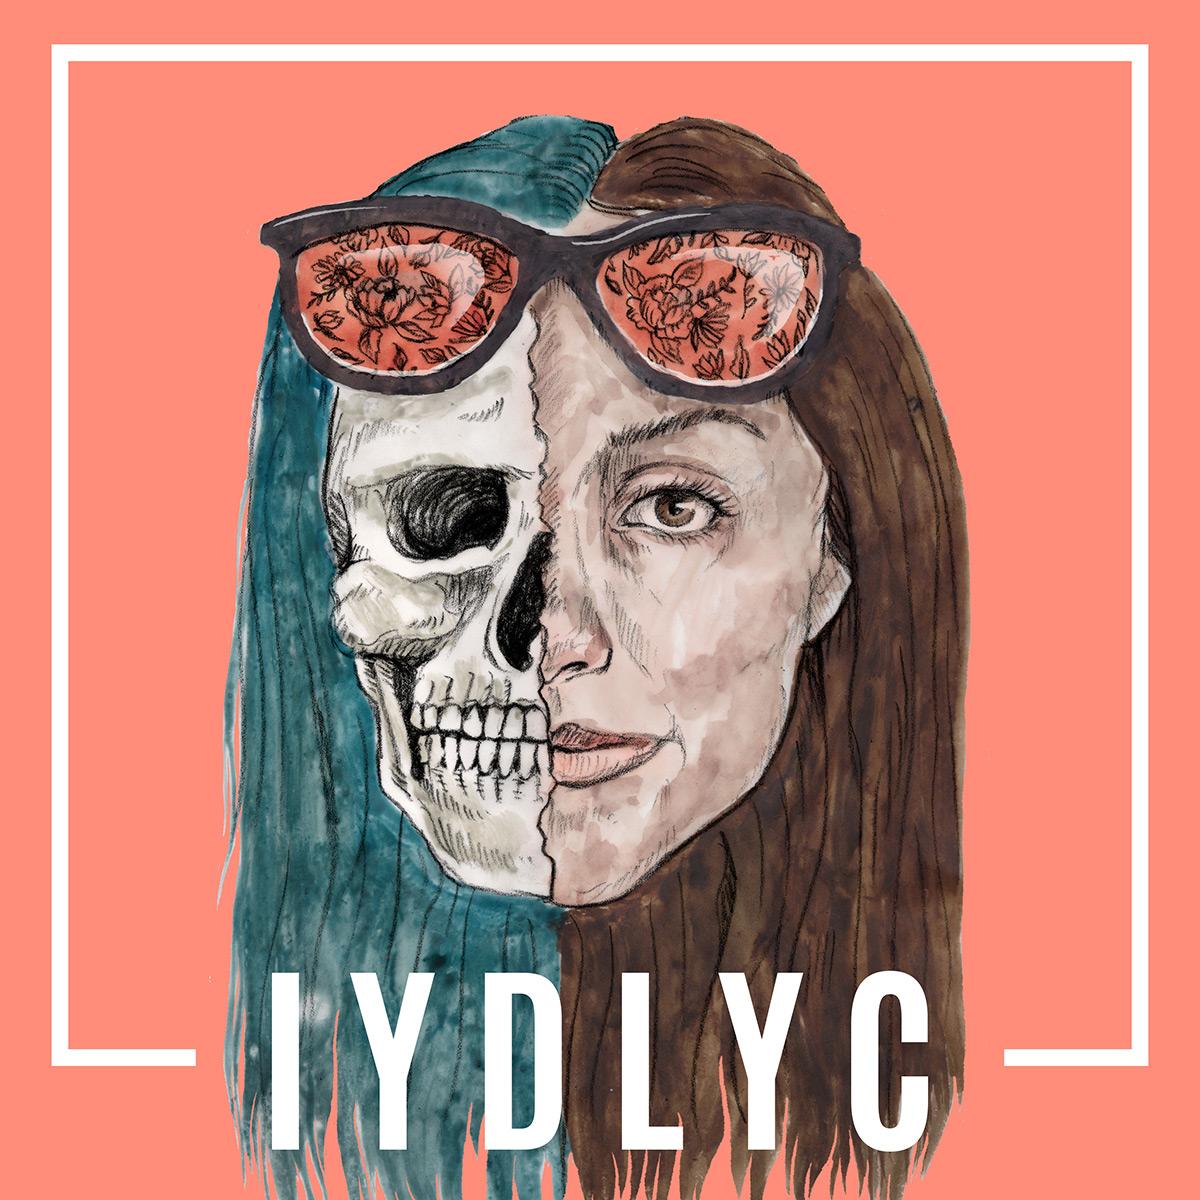 IYDLYC_2.jpg